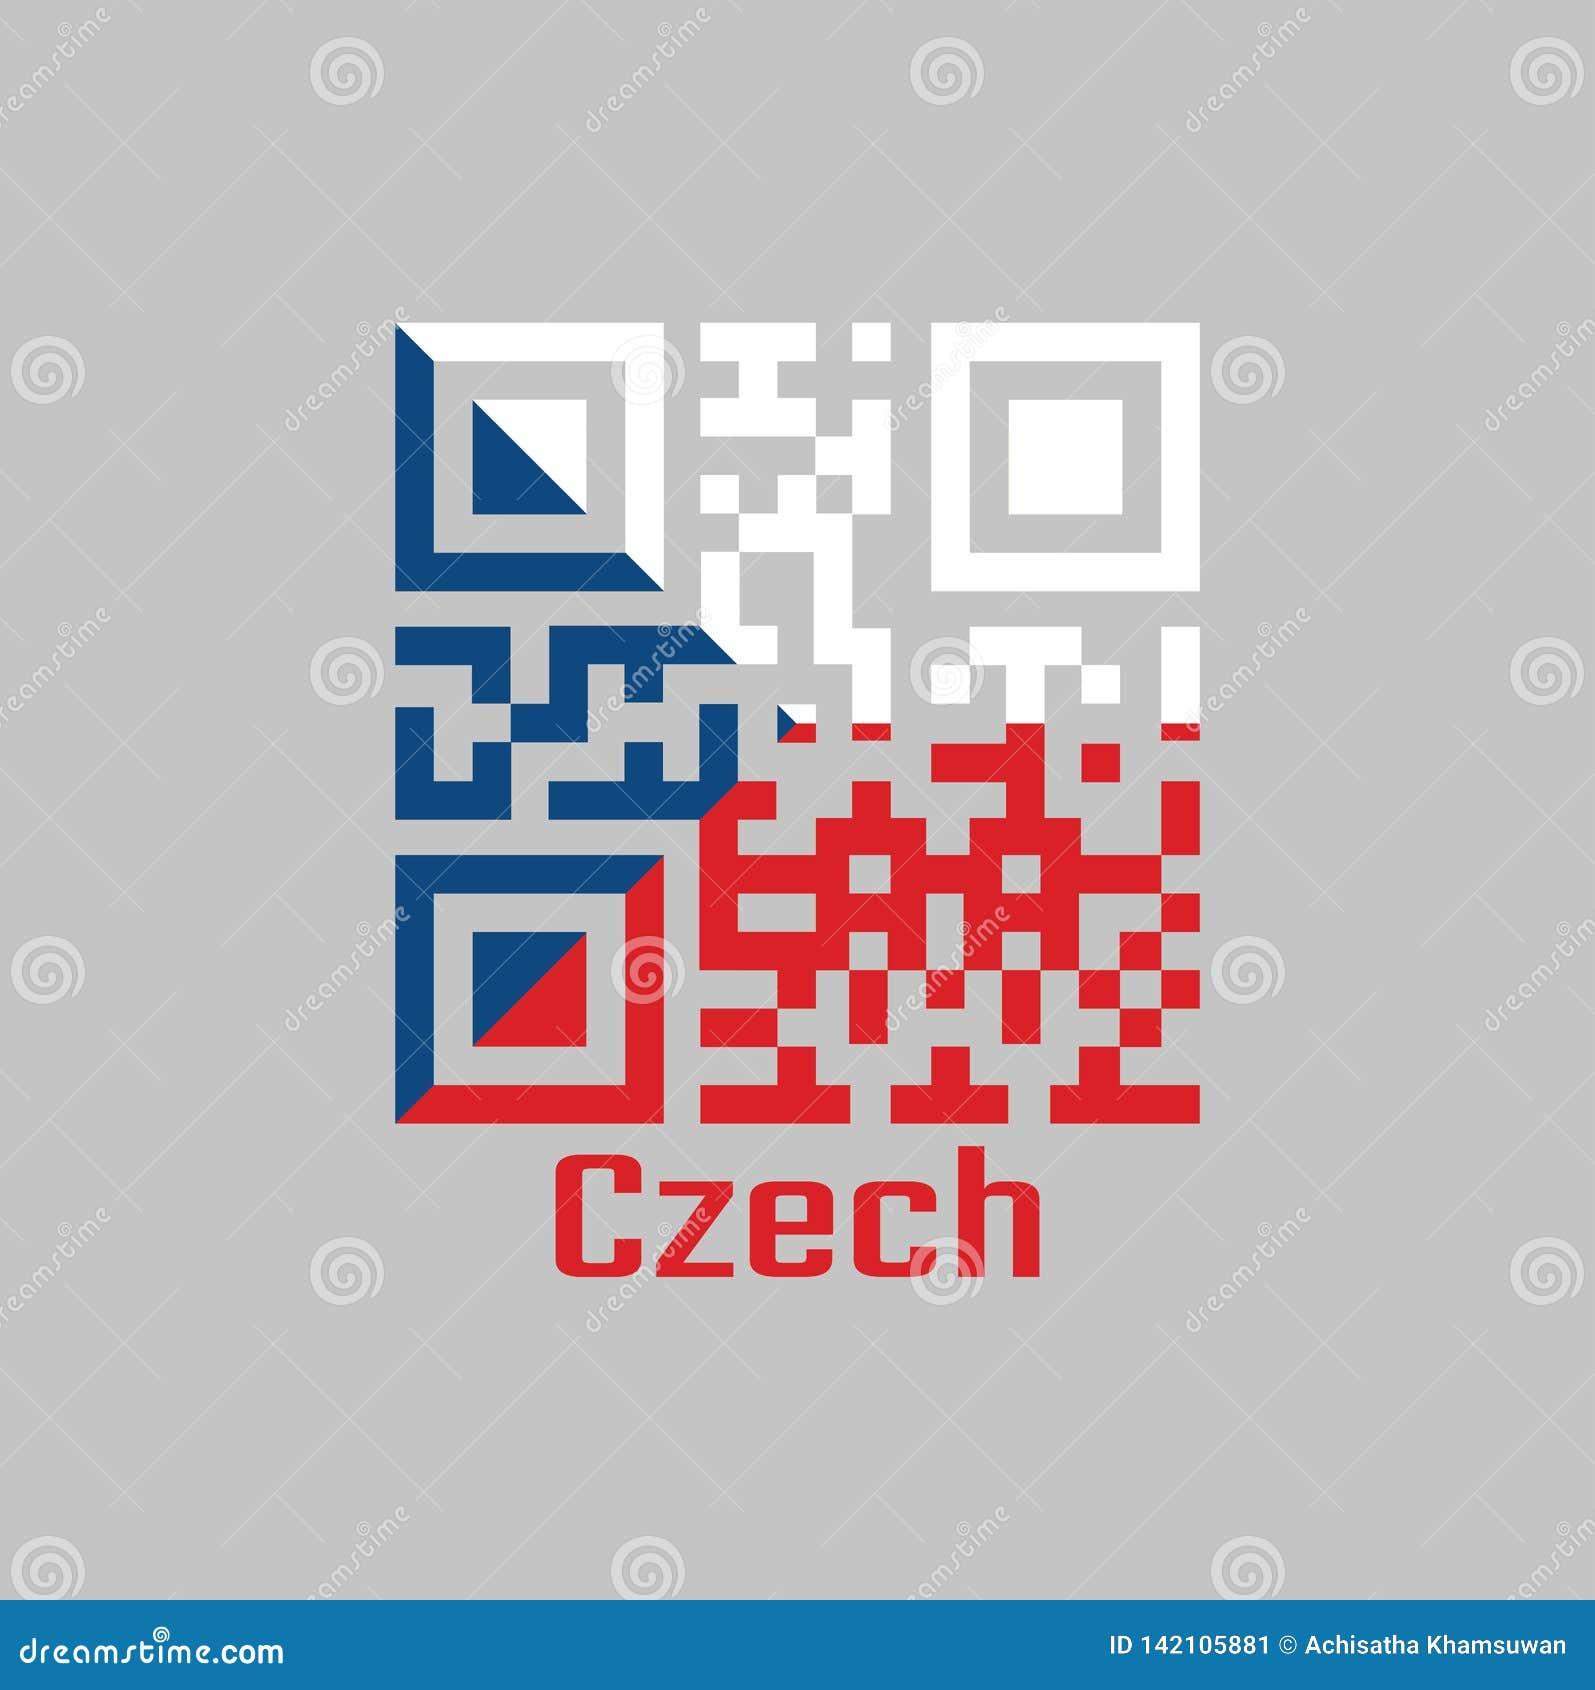 QR σύνολο κώδικα το χρώμα της τσεχικής σημαίας δύο ίσες οριζόντιες ζώνες της άσπρης κορυφής και του κοκκίνου με ένα μπλε ισοσκελέ